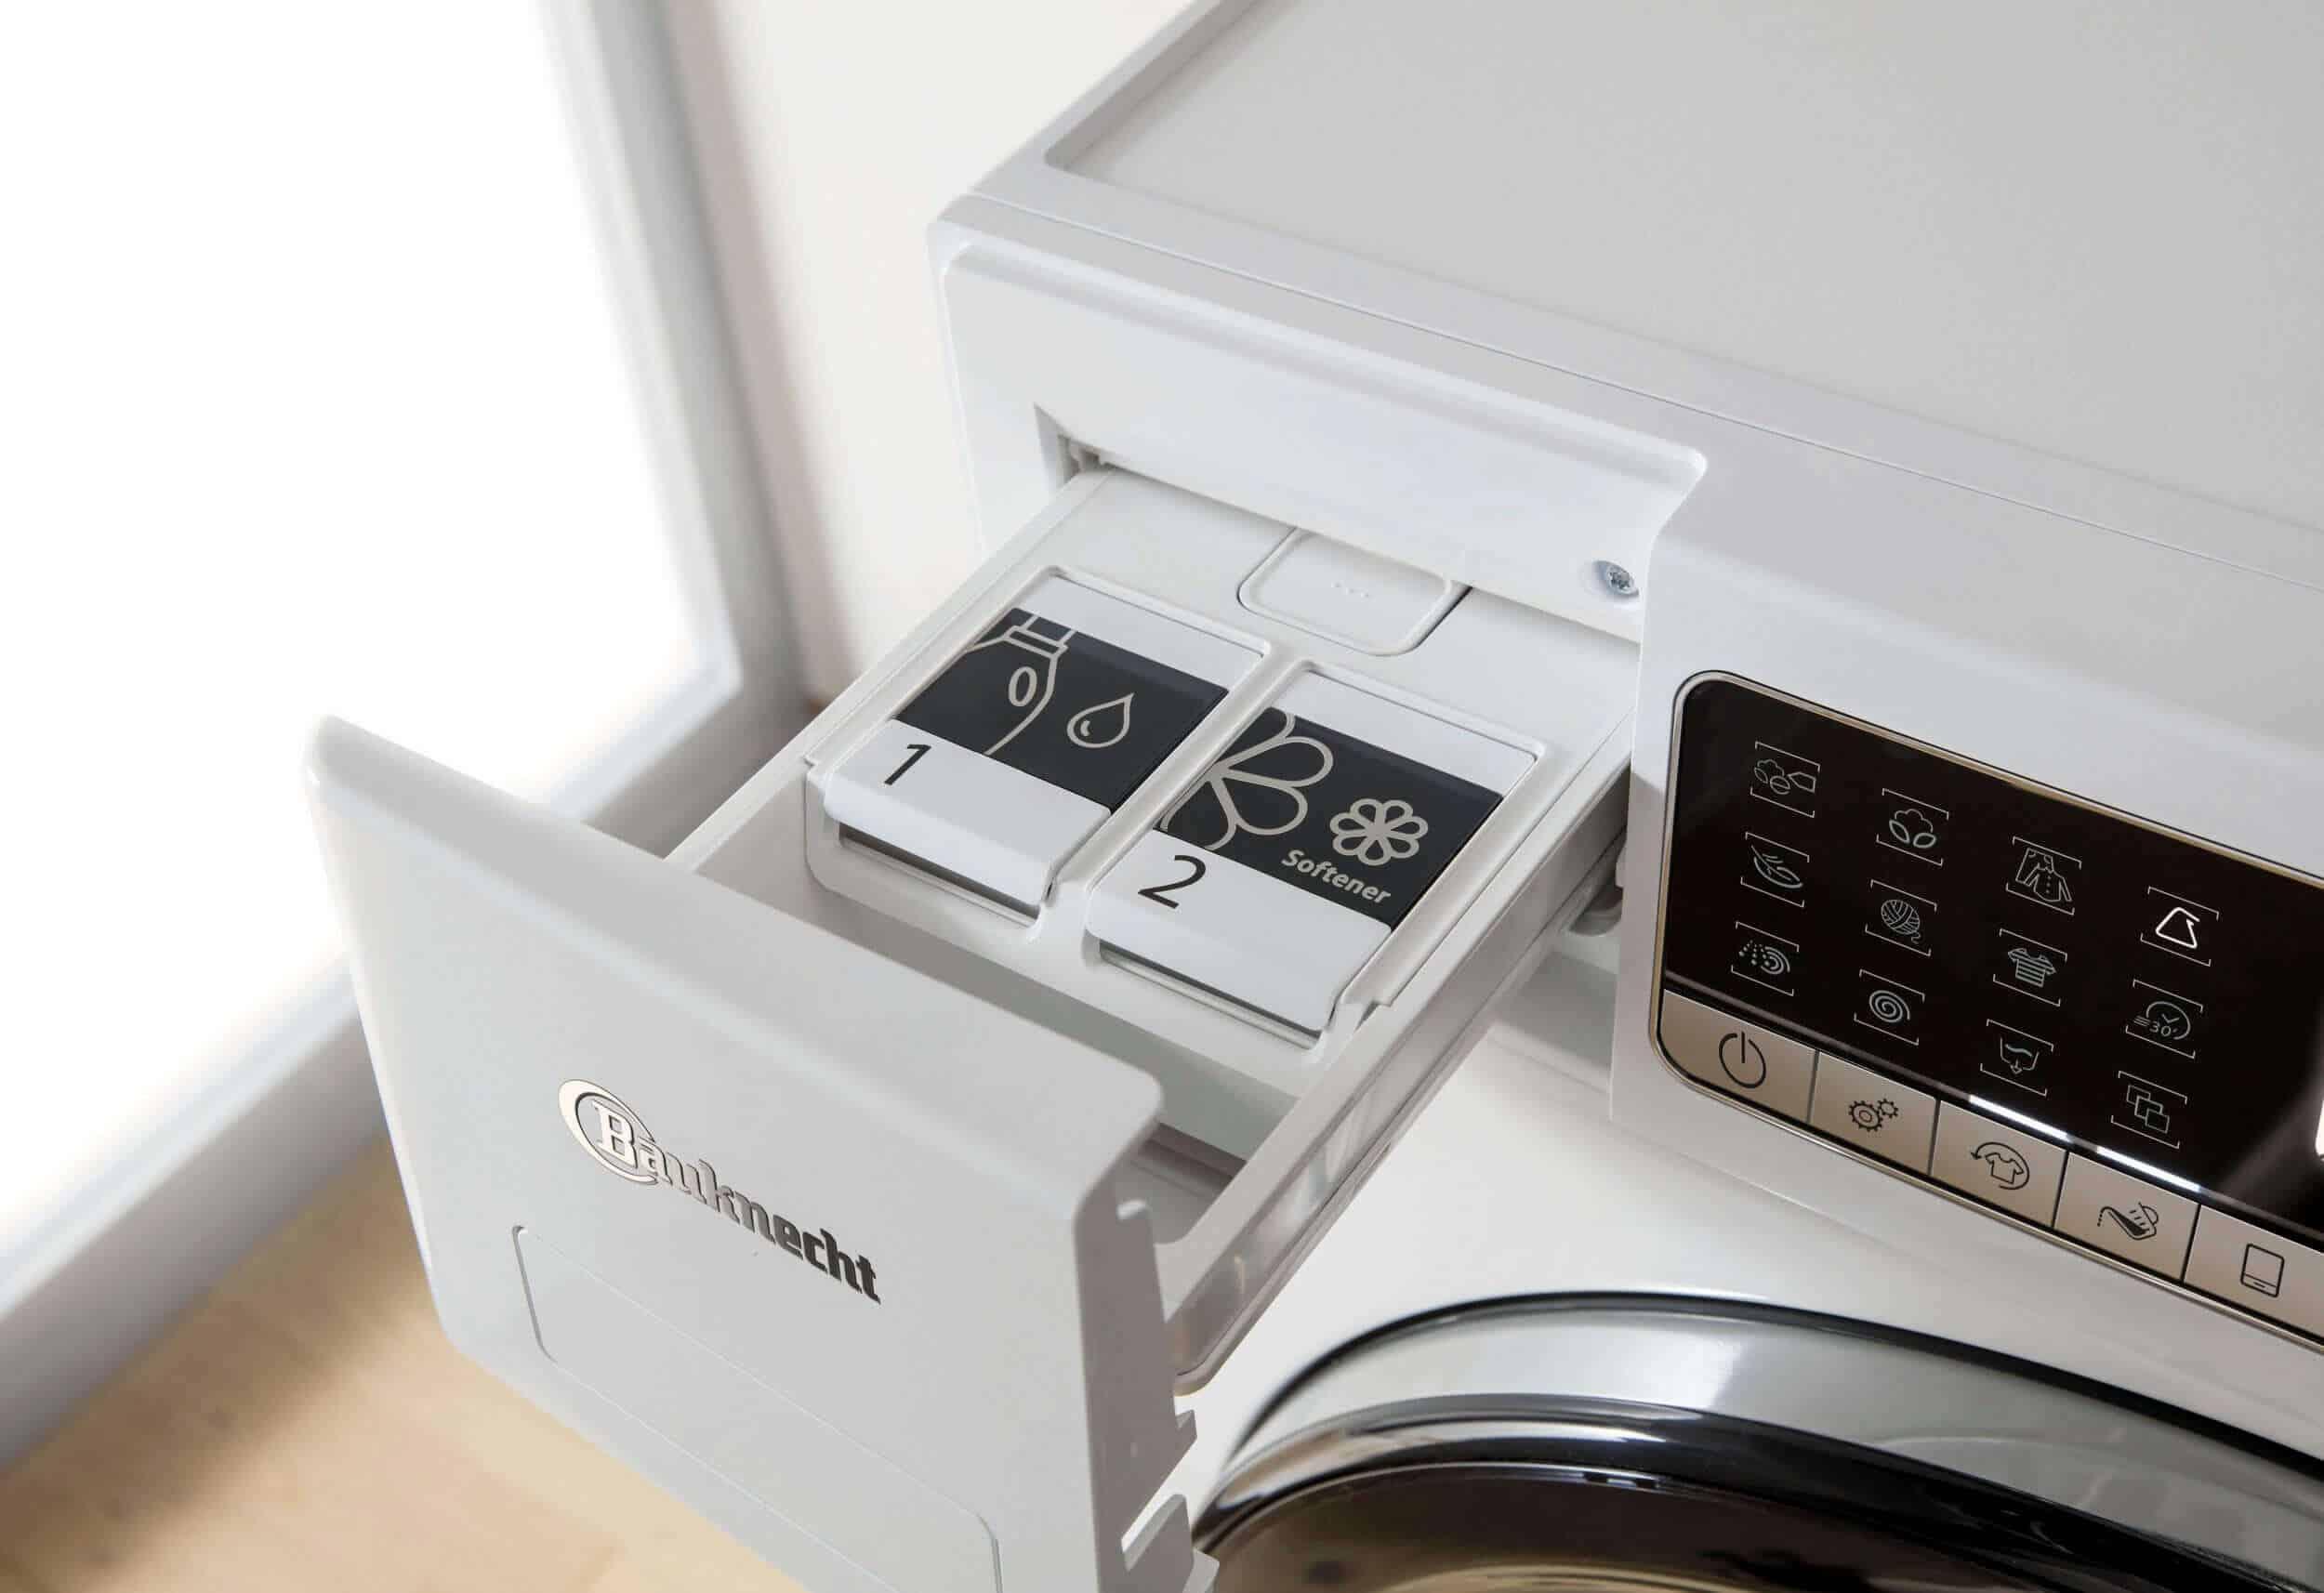 Bauknecht wm style 1024 zen waschmaschine im test 07 2018